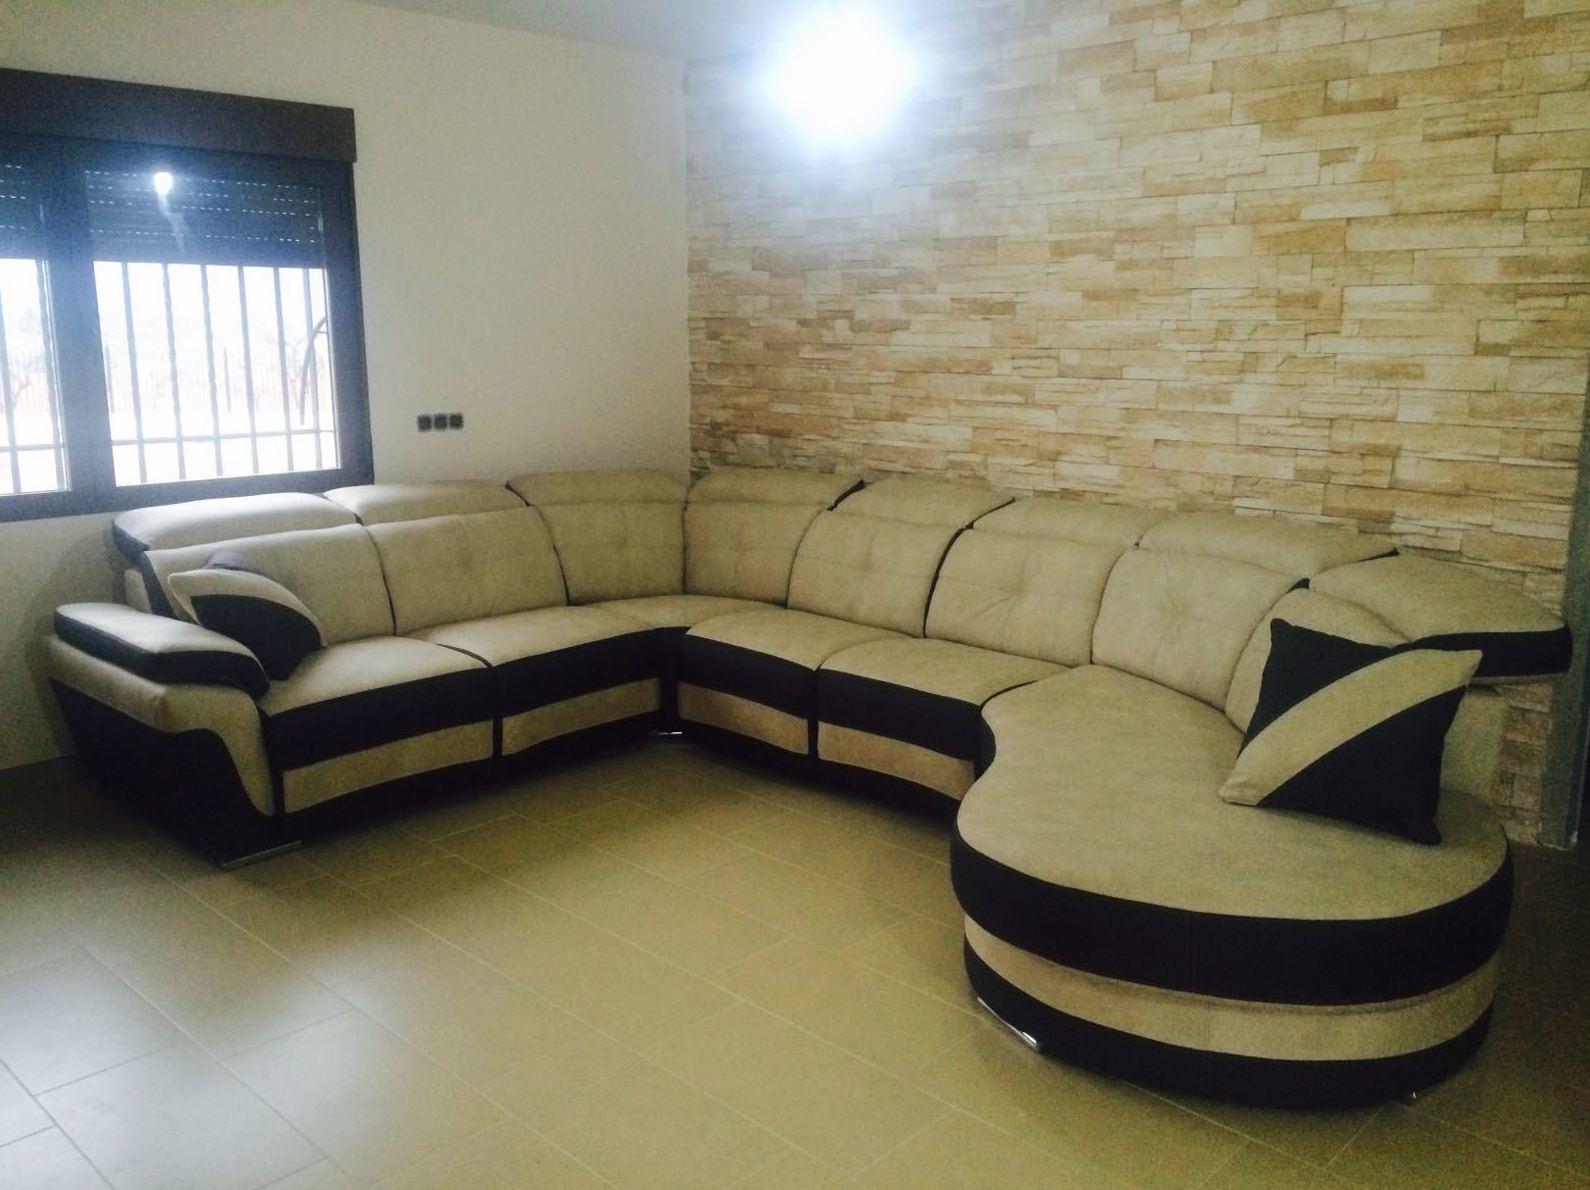 Asesoramiento personalizado para la compra de sofás